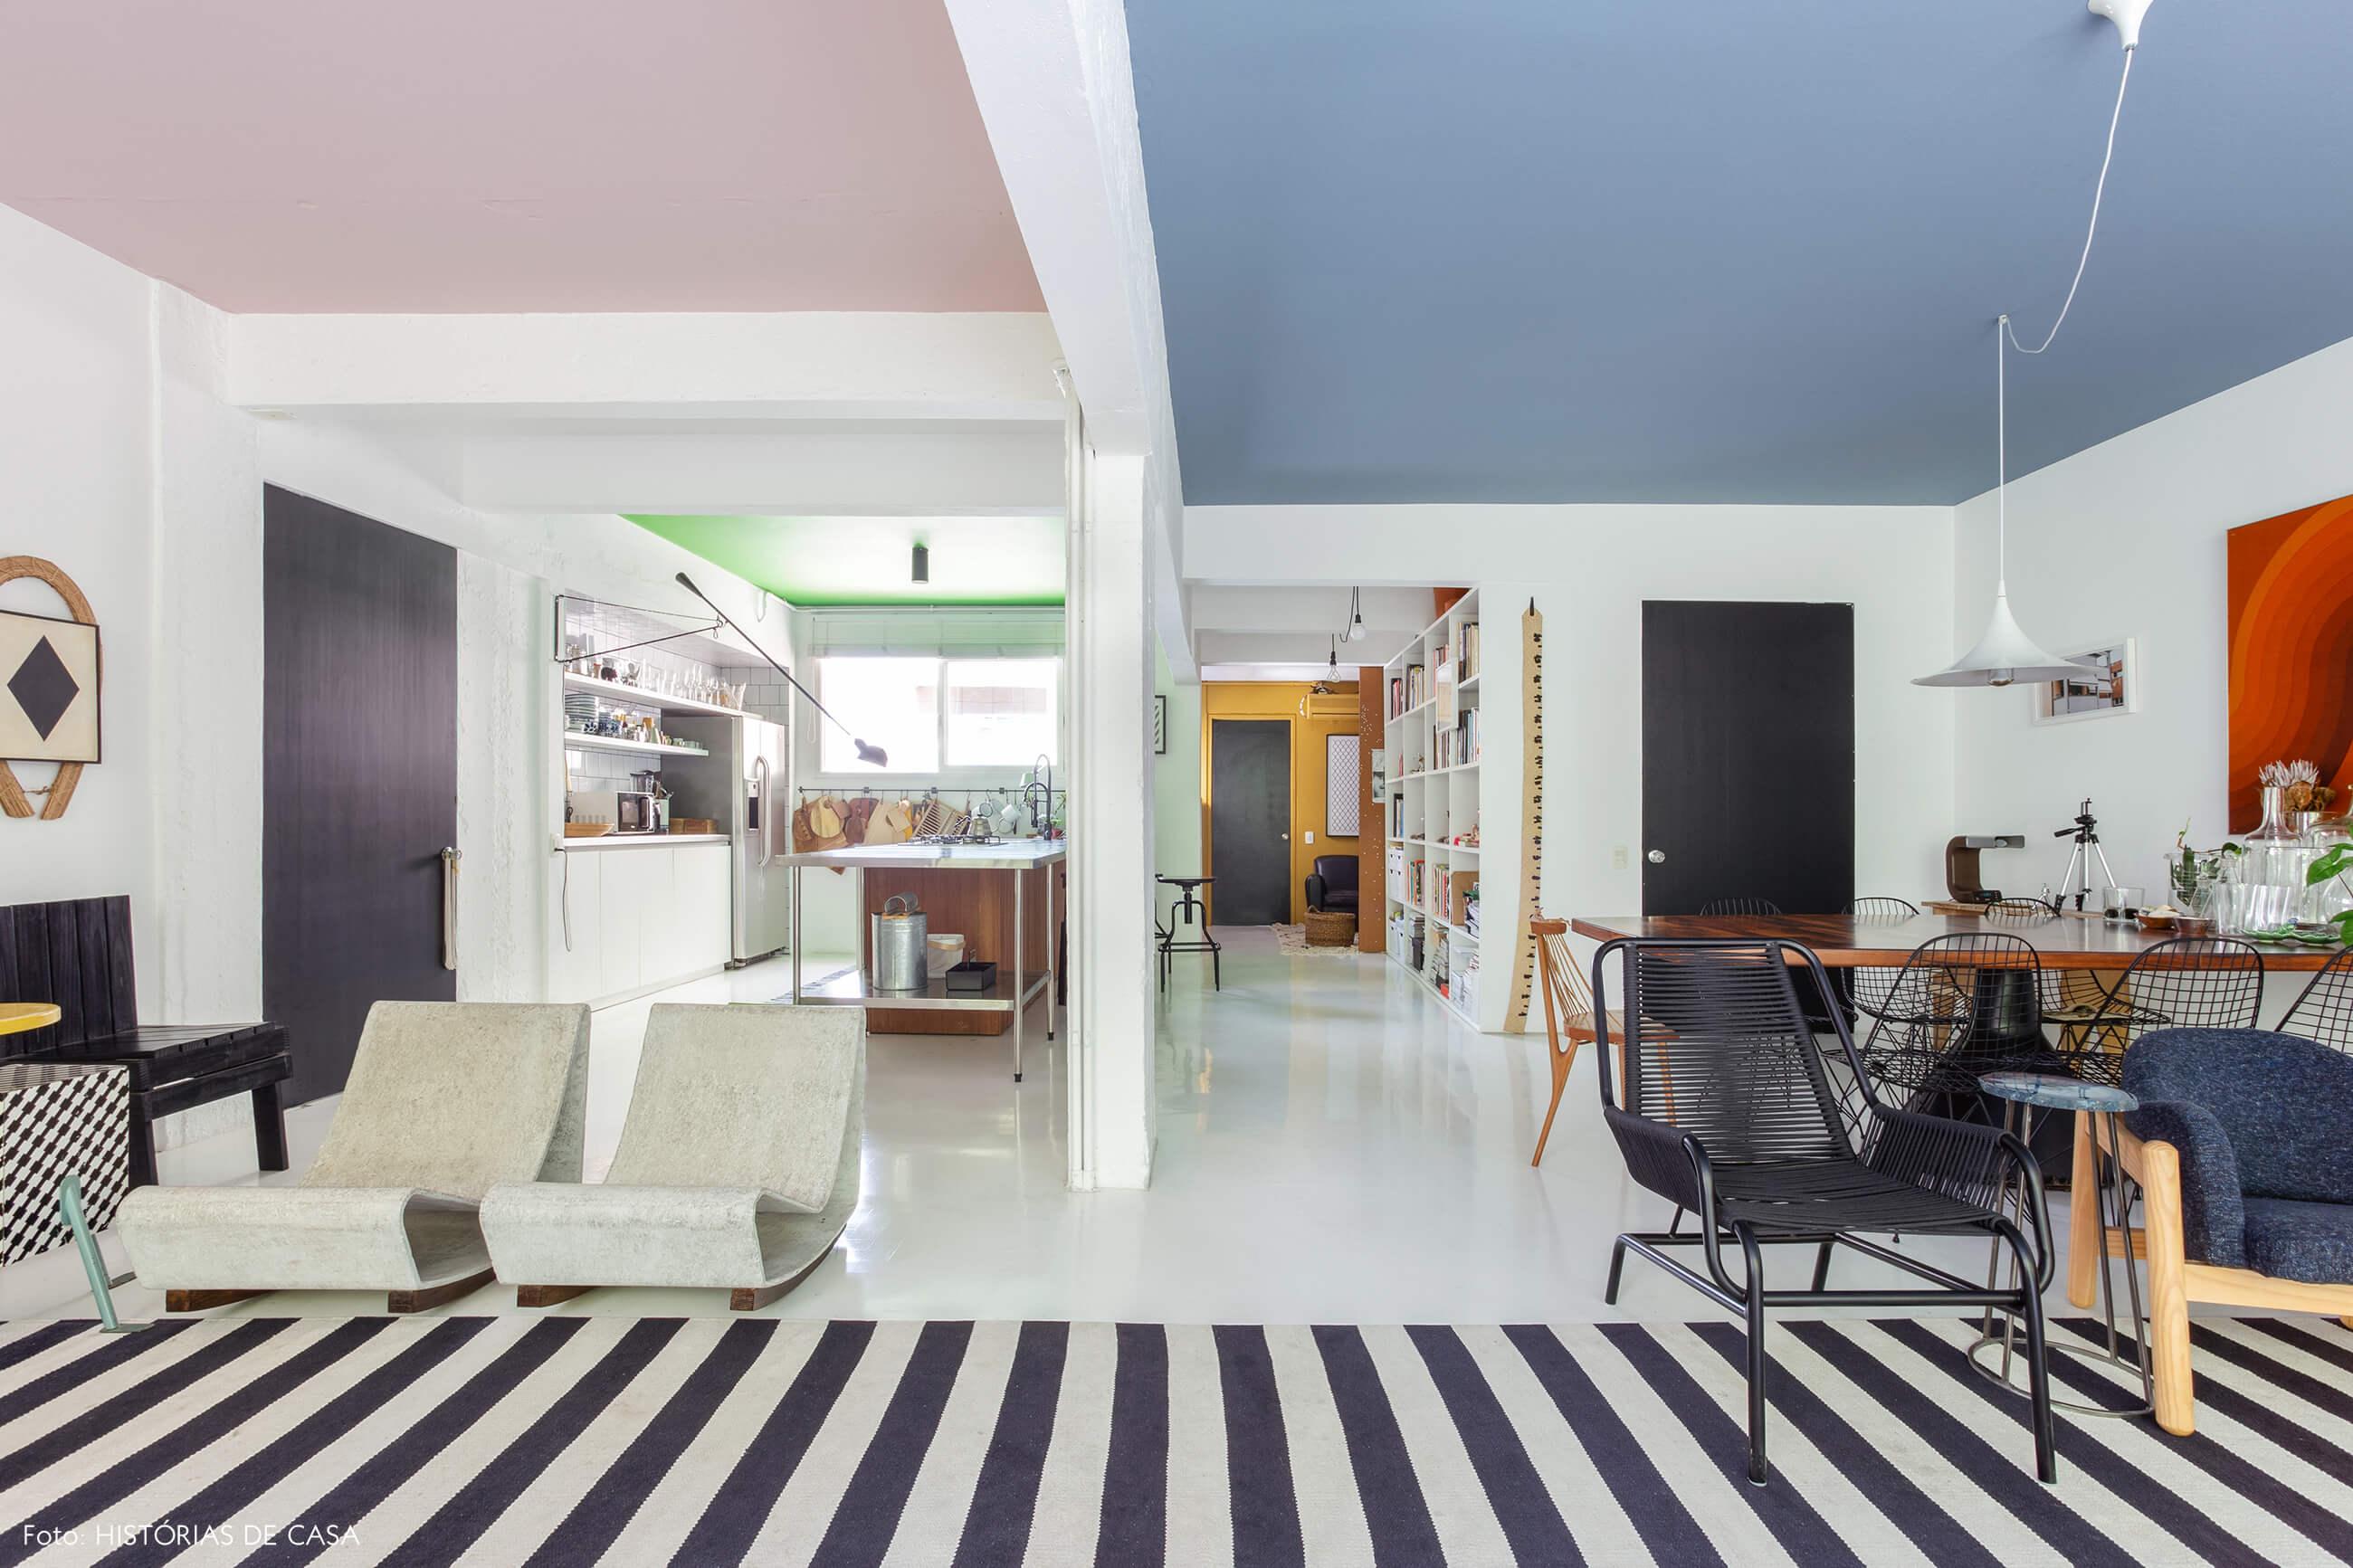 Apartamento do Maurício Arruda, sala com tetos coloridos e cozinha integrada